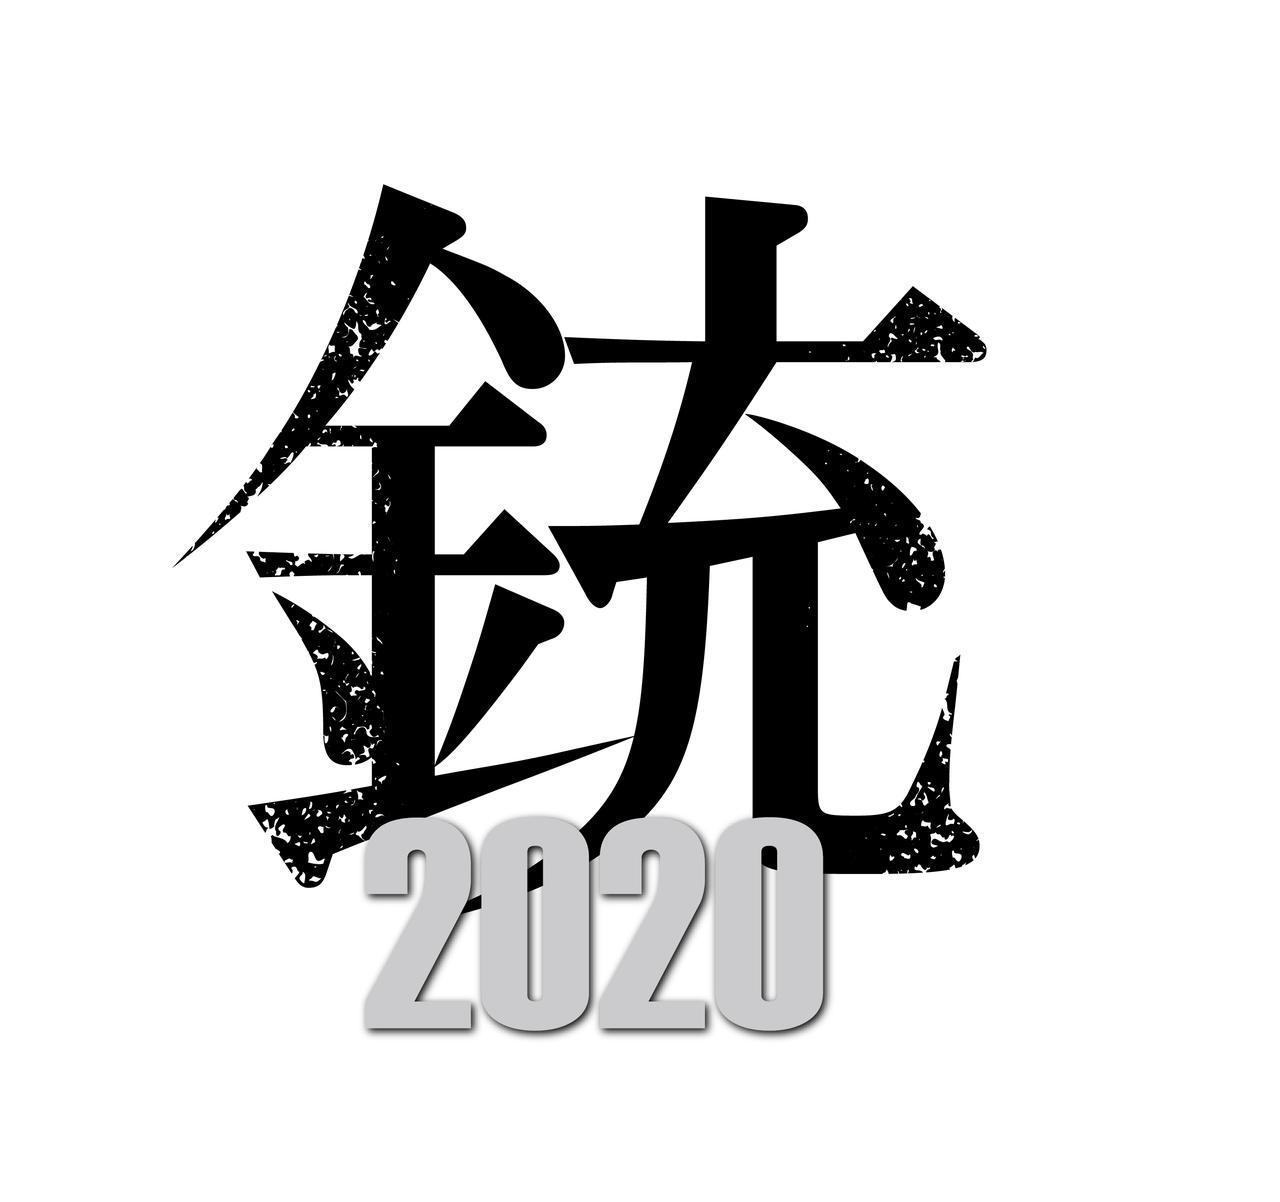 画像: 奥山和由×中村文則×武正晴が再び結集!全員がクレイジー!? 個性豊かなキャストたちによる狂気が誘うエンタテインメント『銃 2020』公開決定!メッセージも到着!